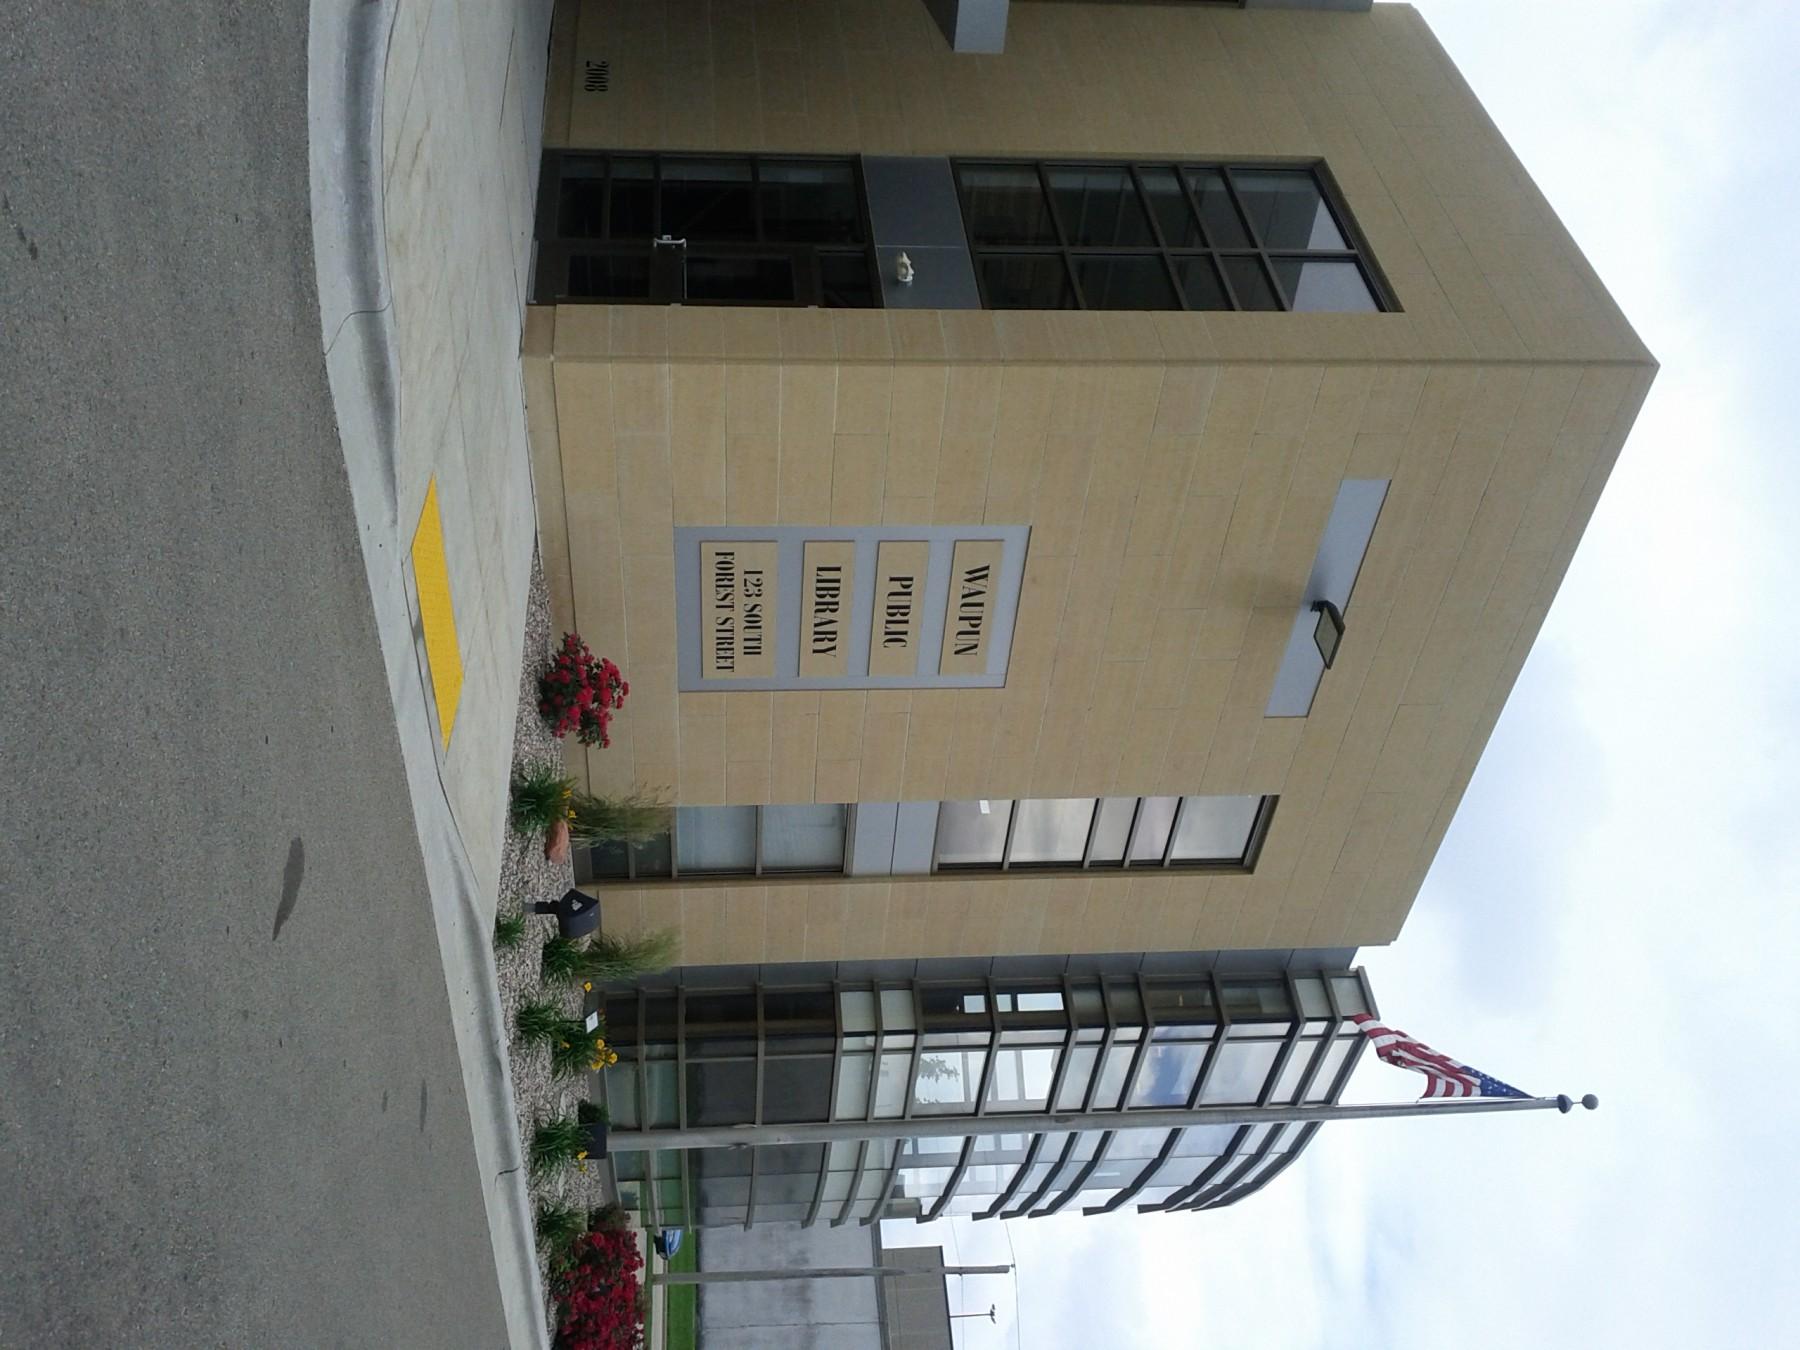 Waupun Library